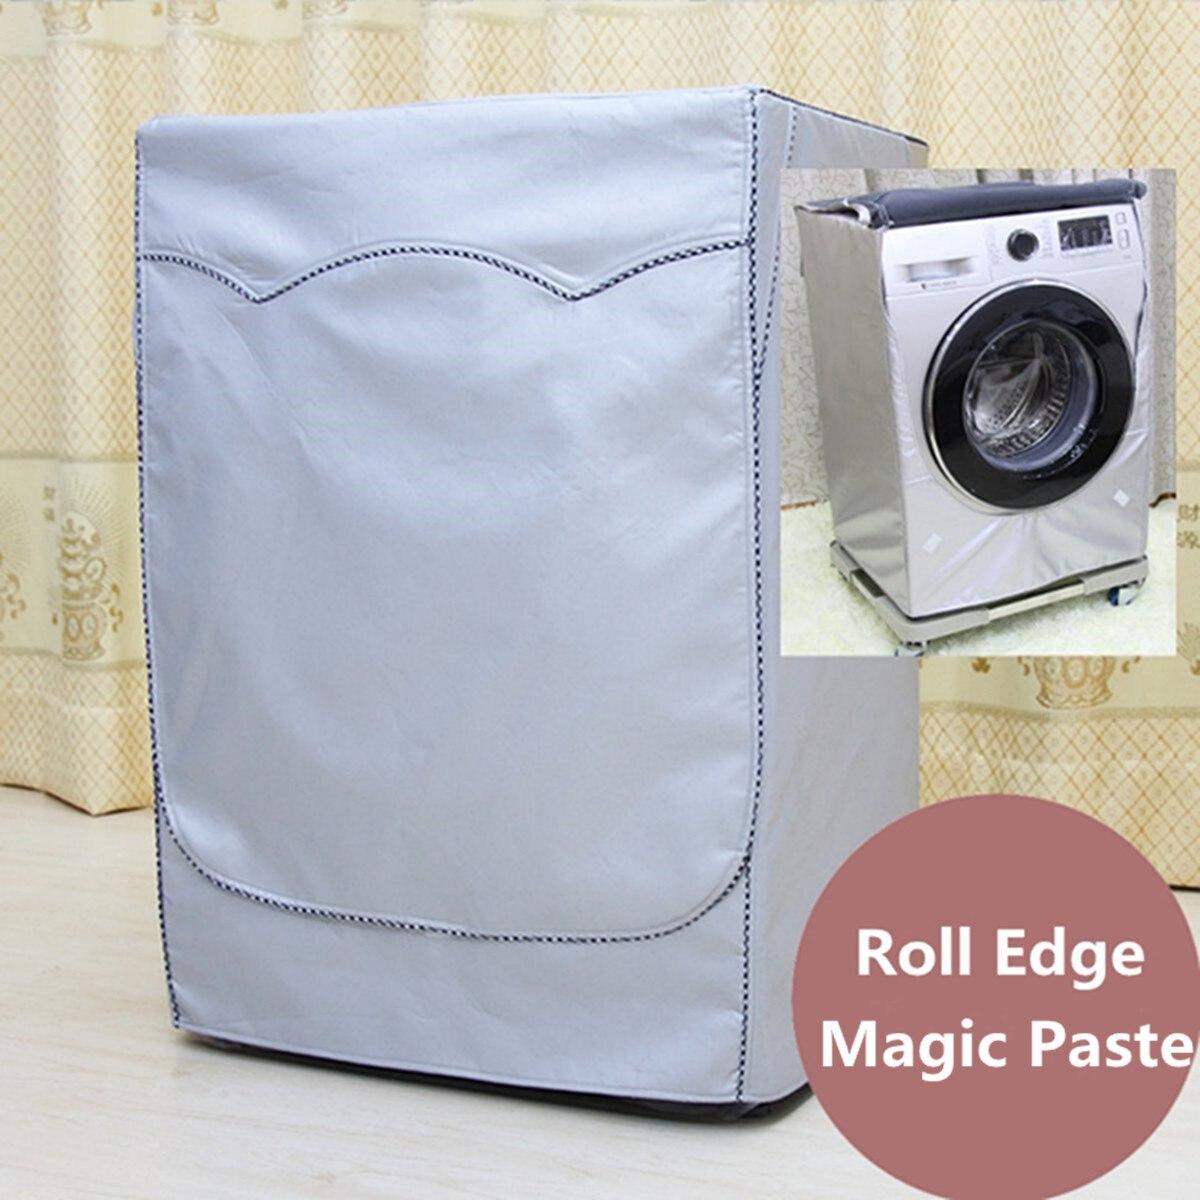 Lavadora de cubierta a prueba de agua filtro solar lavadora secadora de poliéster máquina de rodillos automática de la casa cubierta de polvo a prueba de polvo de plata